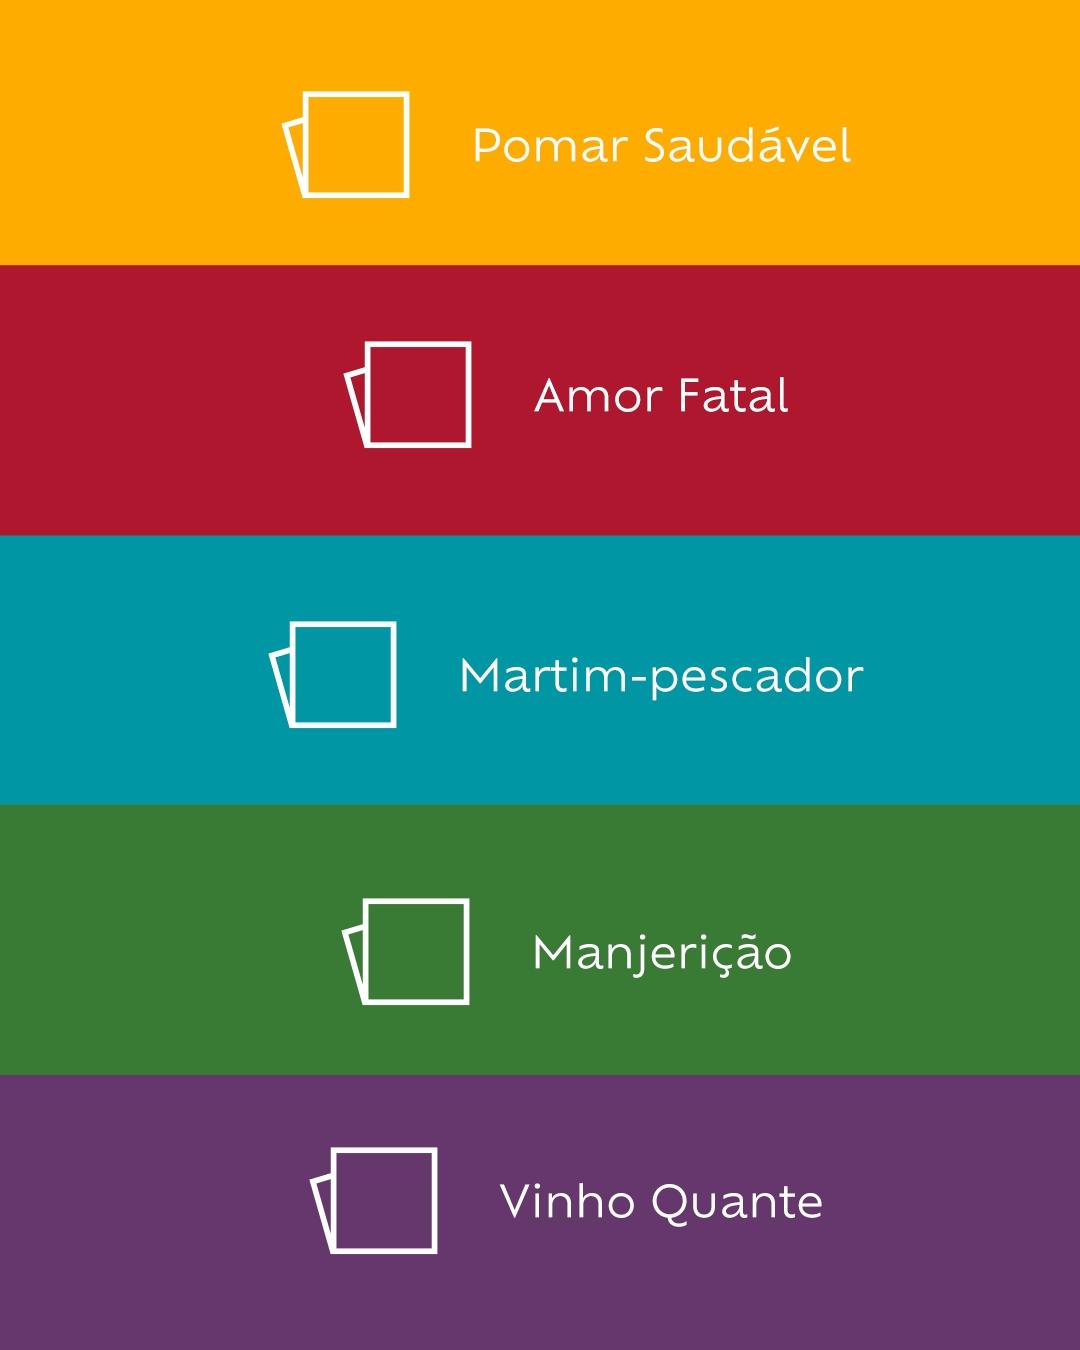 Foto com uma coleção de paletas de cores: pomar saudável, amor fatal, marfim-pescador, manjericão e vinho-quente.